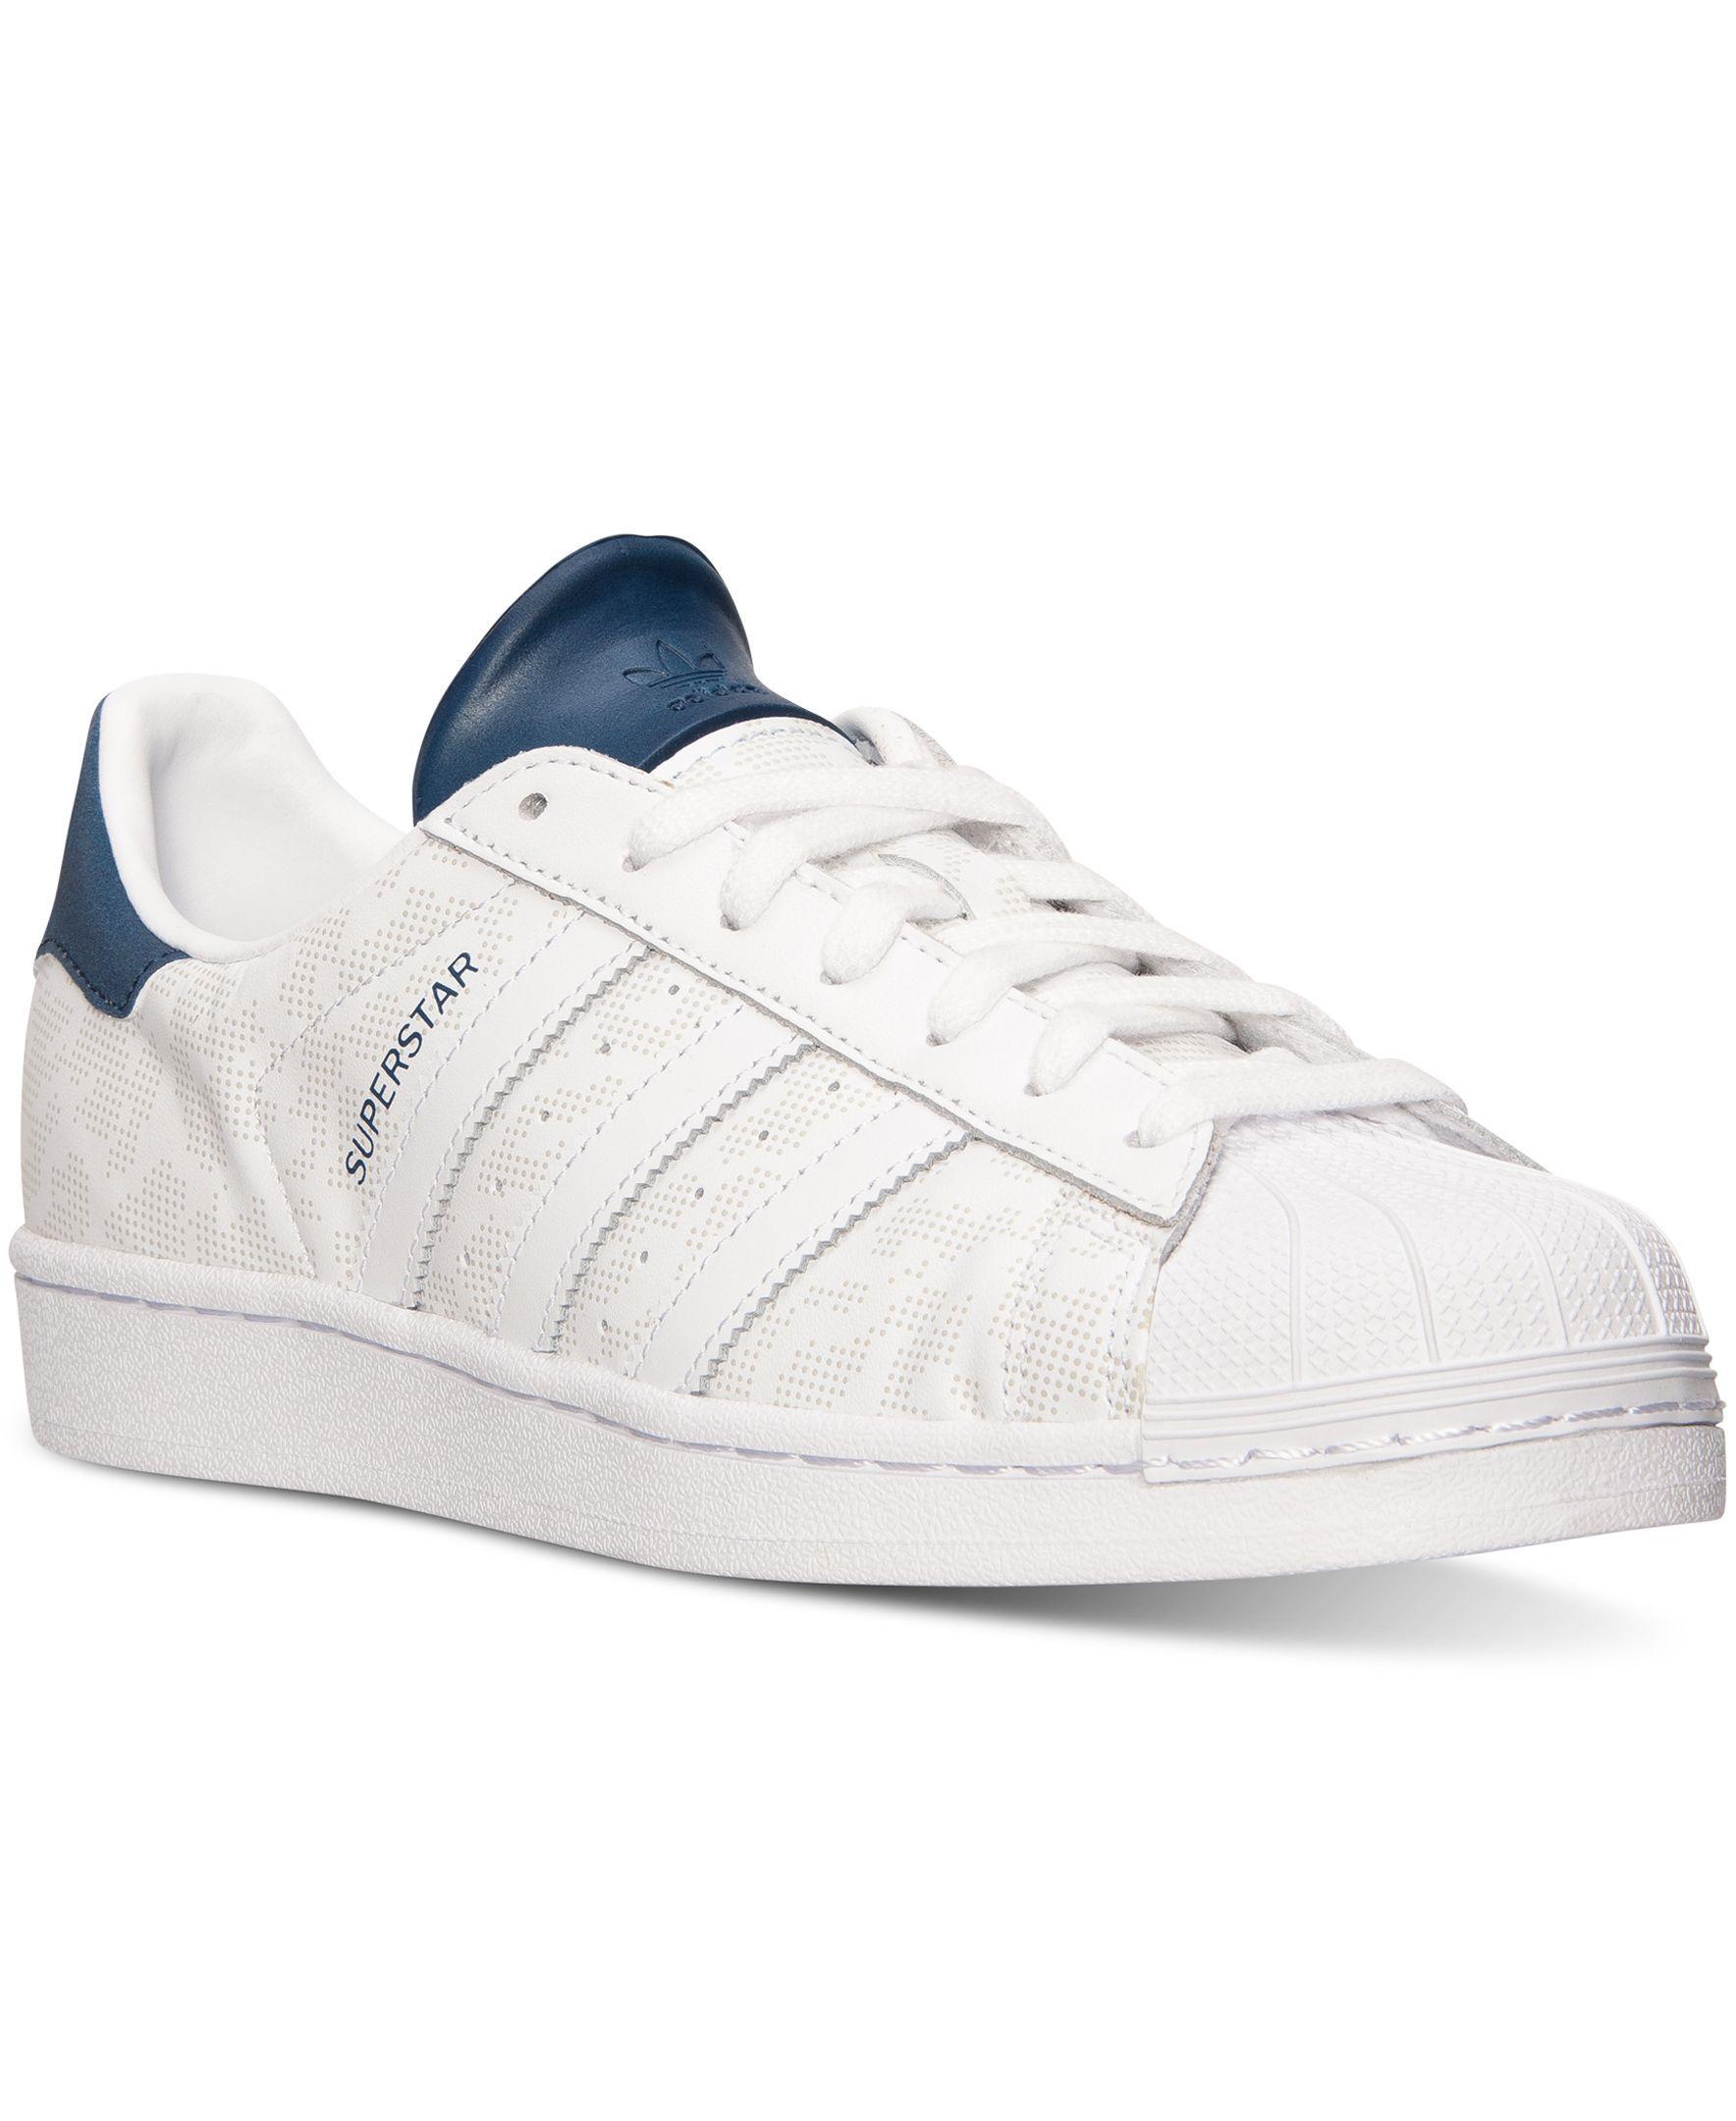 adidas superstar degli uomini le mimetiche casual scarpe dal traguardo